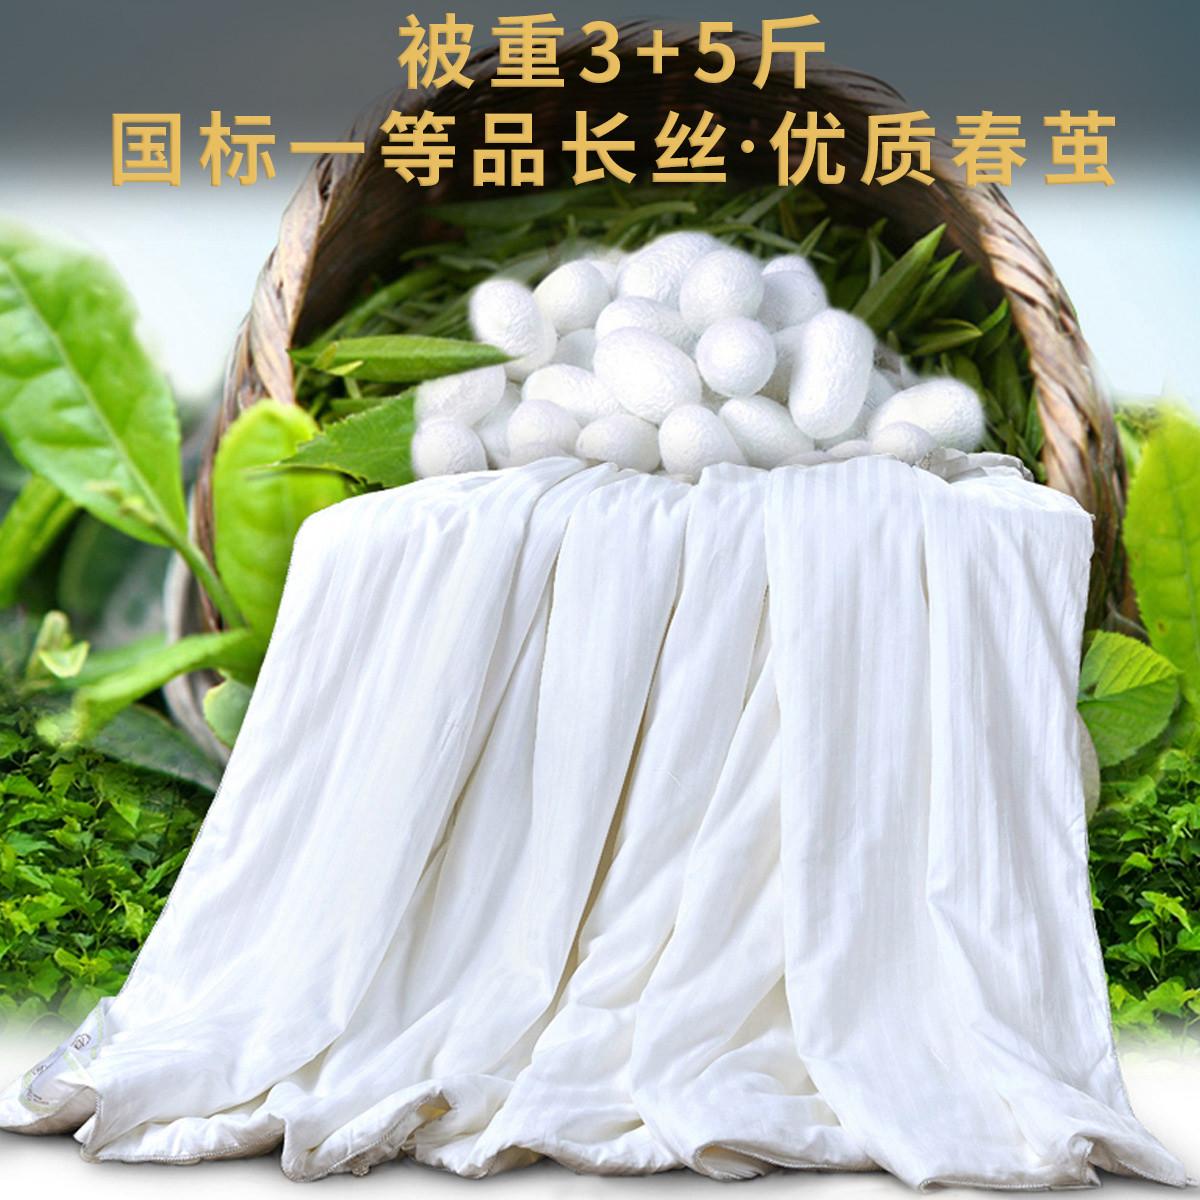 江南古韵100%一等桑蚕长丝被重3+5斤二合一四季子母被秋冬被子被芯tw-13